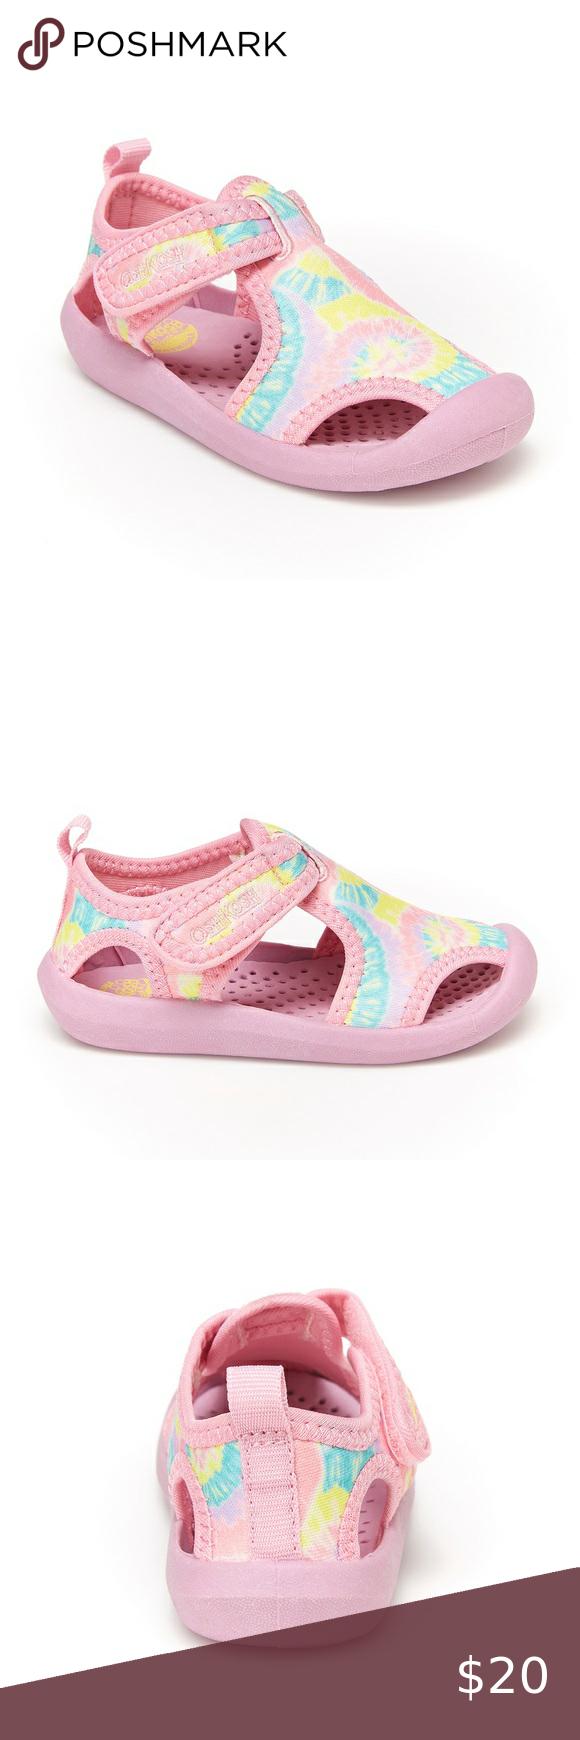 Oshkosh Bgosh Floral Cut Out Infant Toddler Sandals Gold Size 4 NEW Hook /& Loop